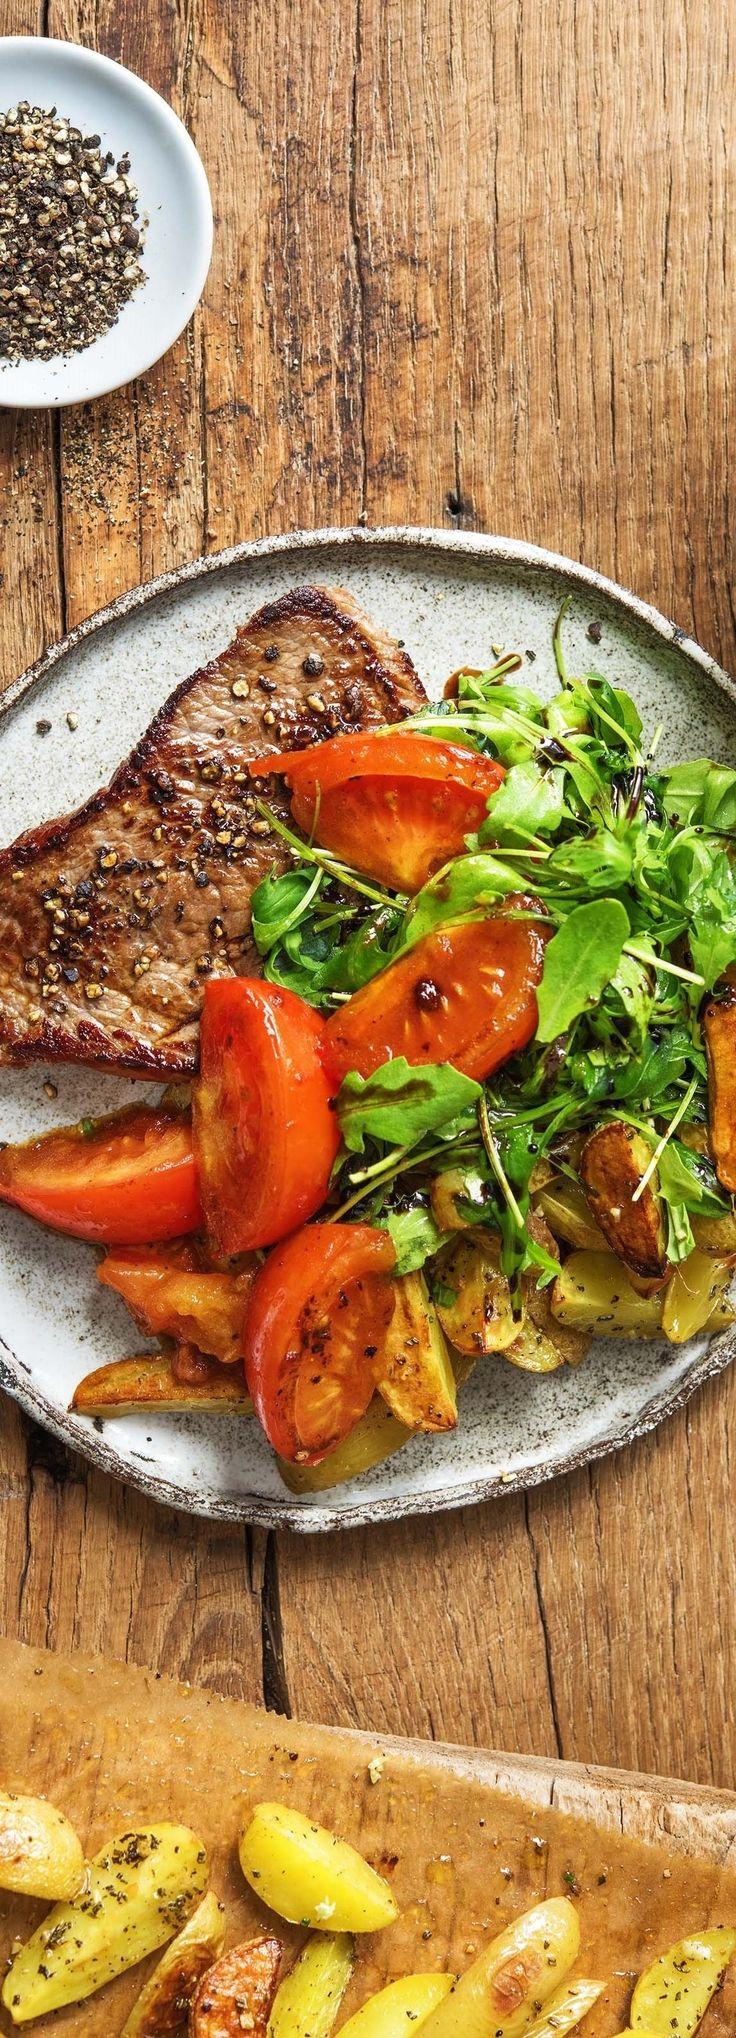 Rindersteak mit geschmorten Tomaten, Rosmarinkartoffeln und frischem Blattsalat